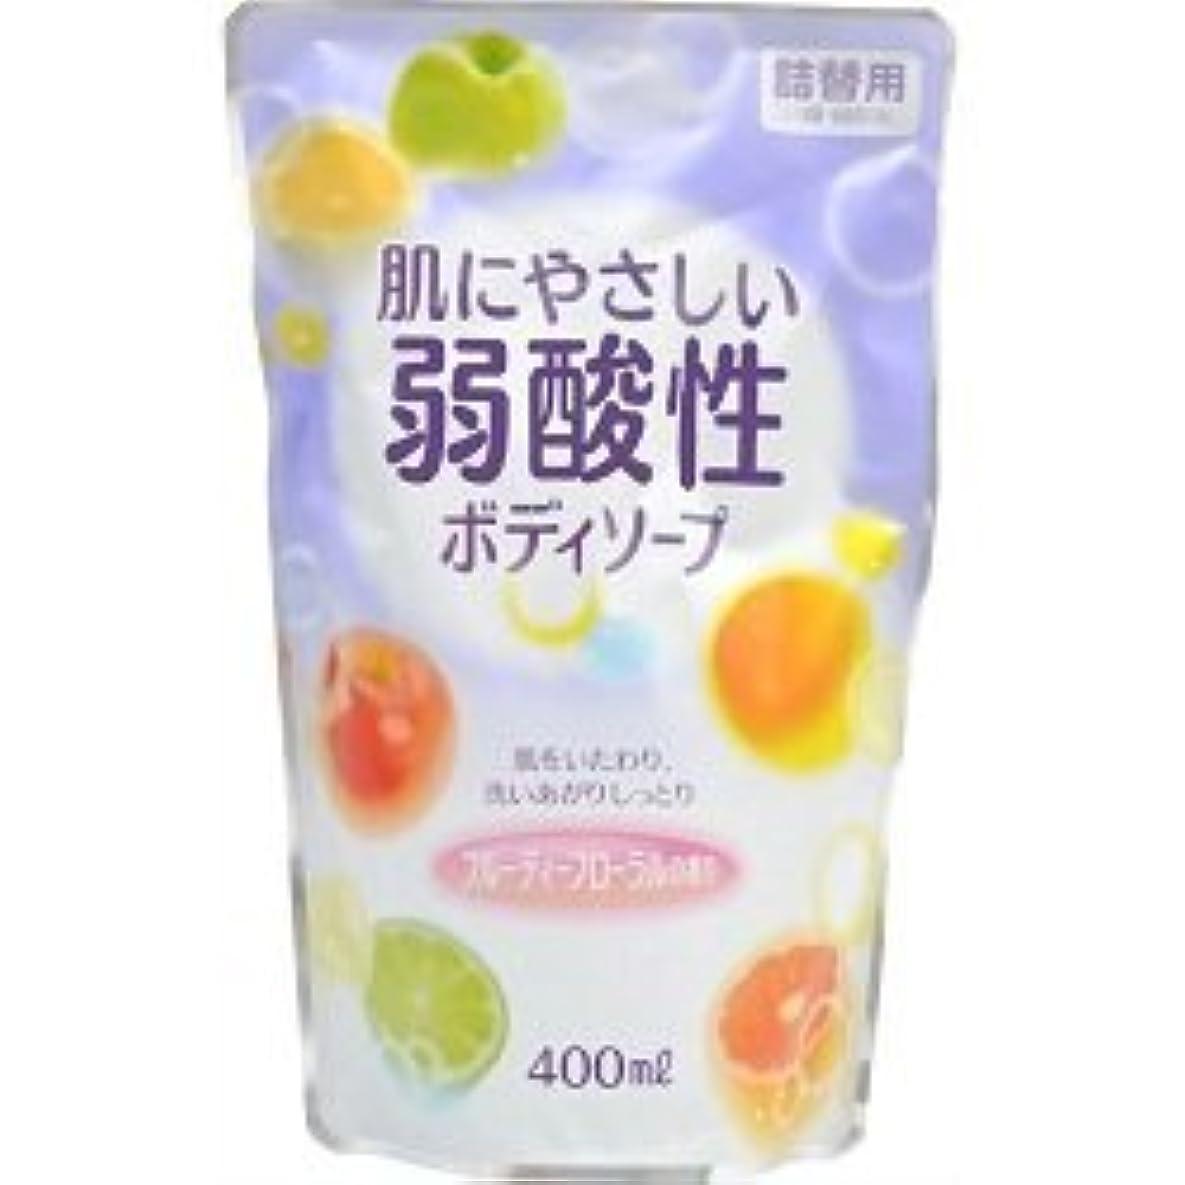 執着それる薬局【エオリア】弱酸性ボディソープ フルーティフローラルの香り 詰替用 400ml ×3個セット